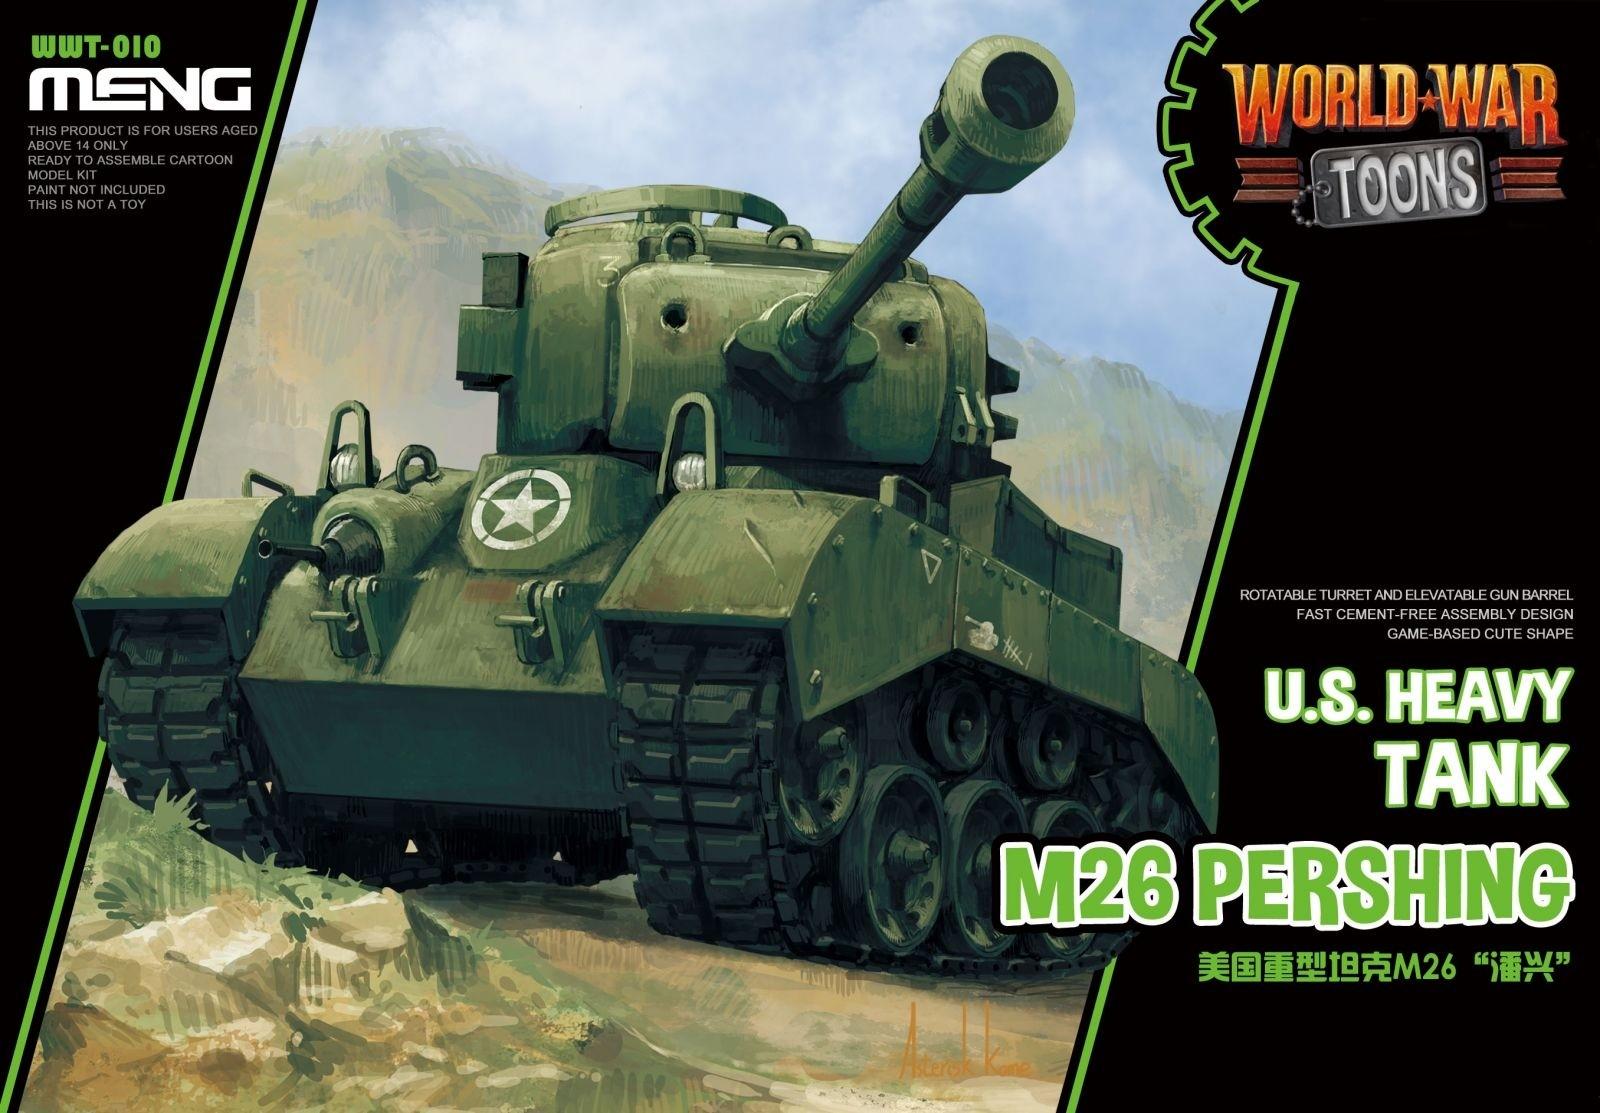 M26 Pershing US TOON